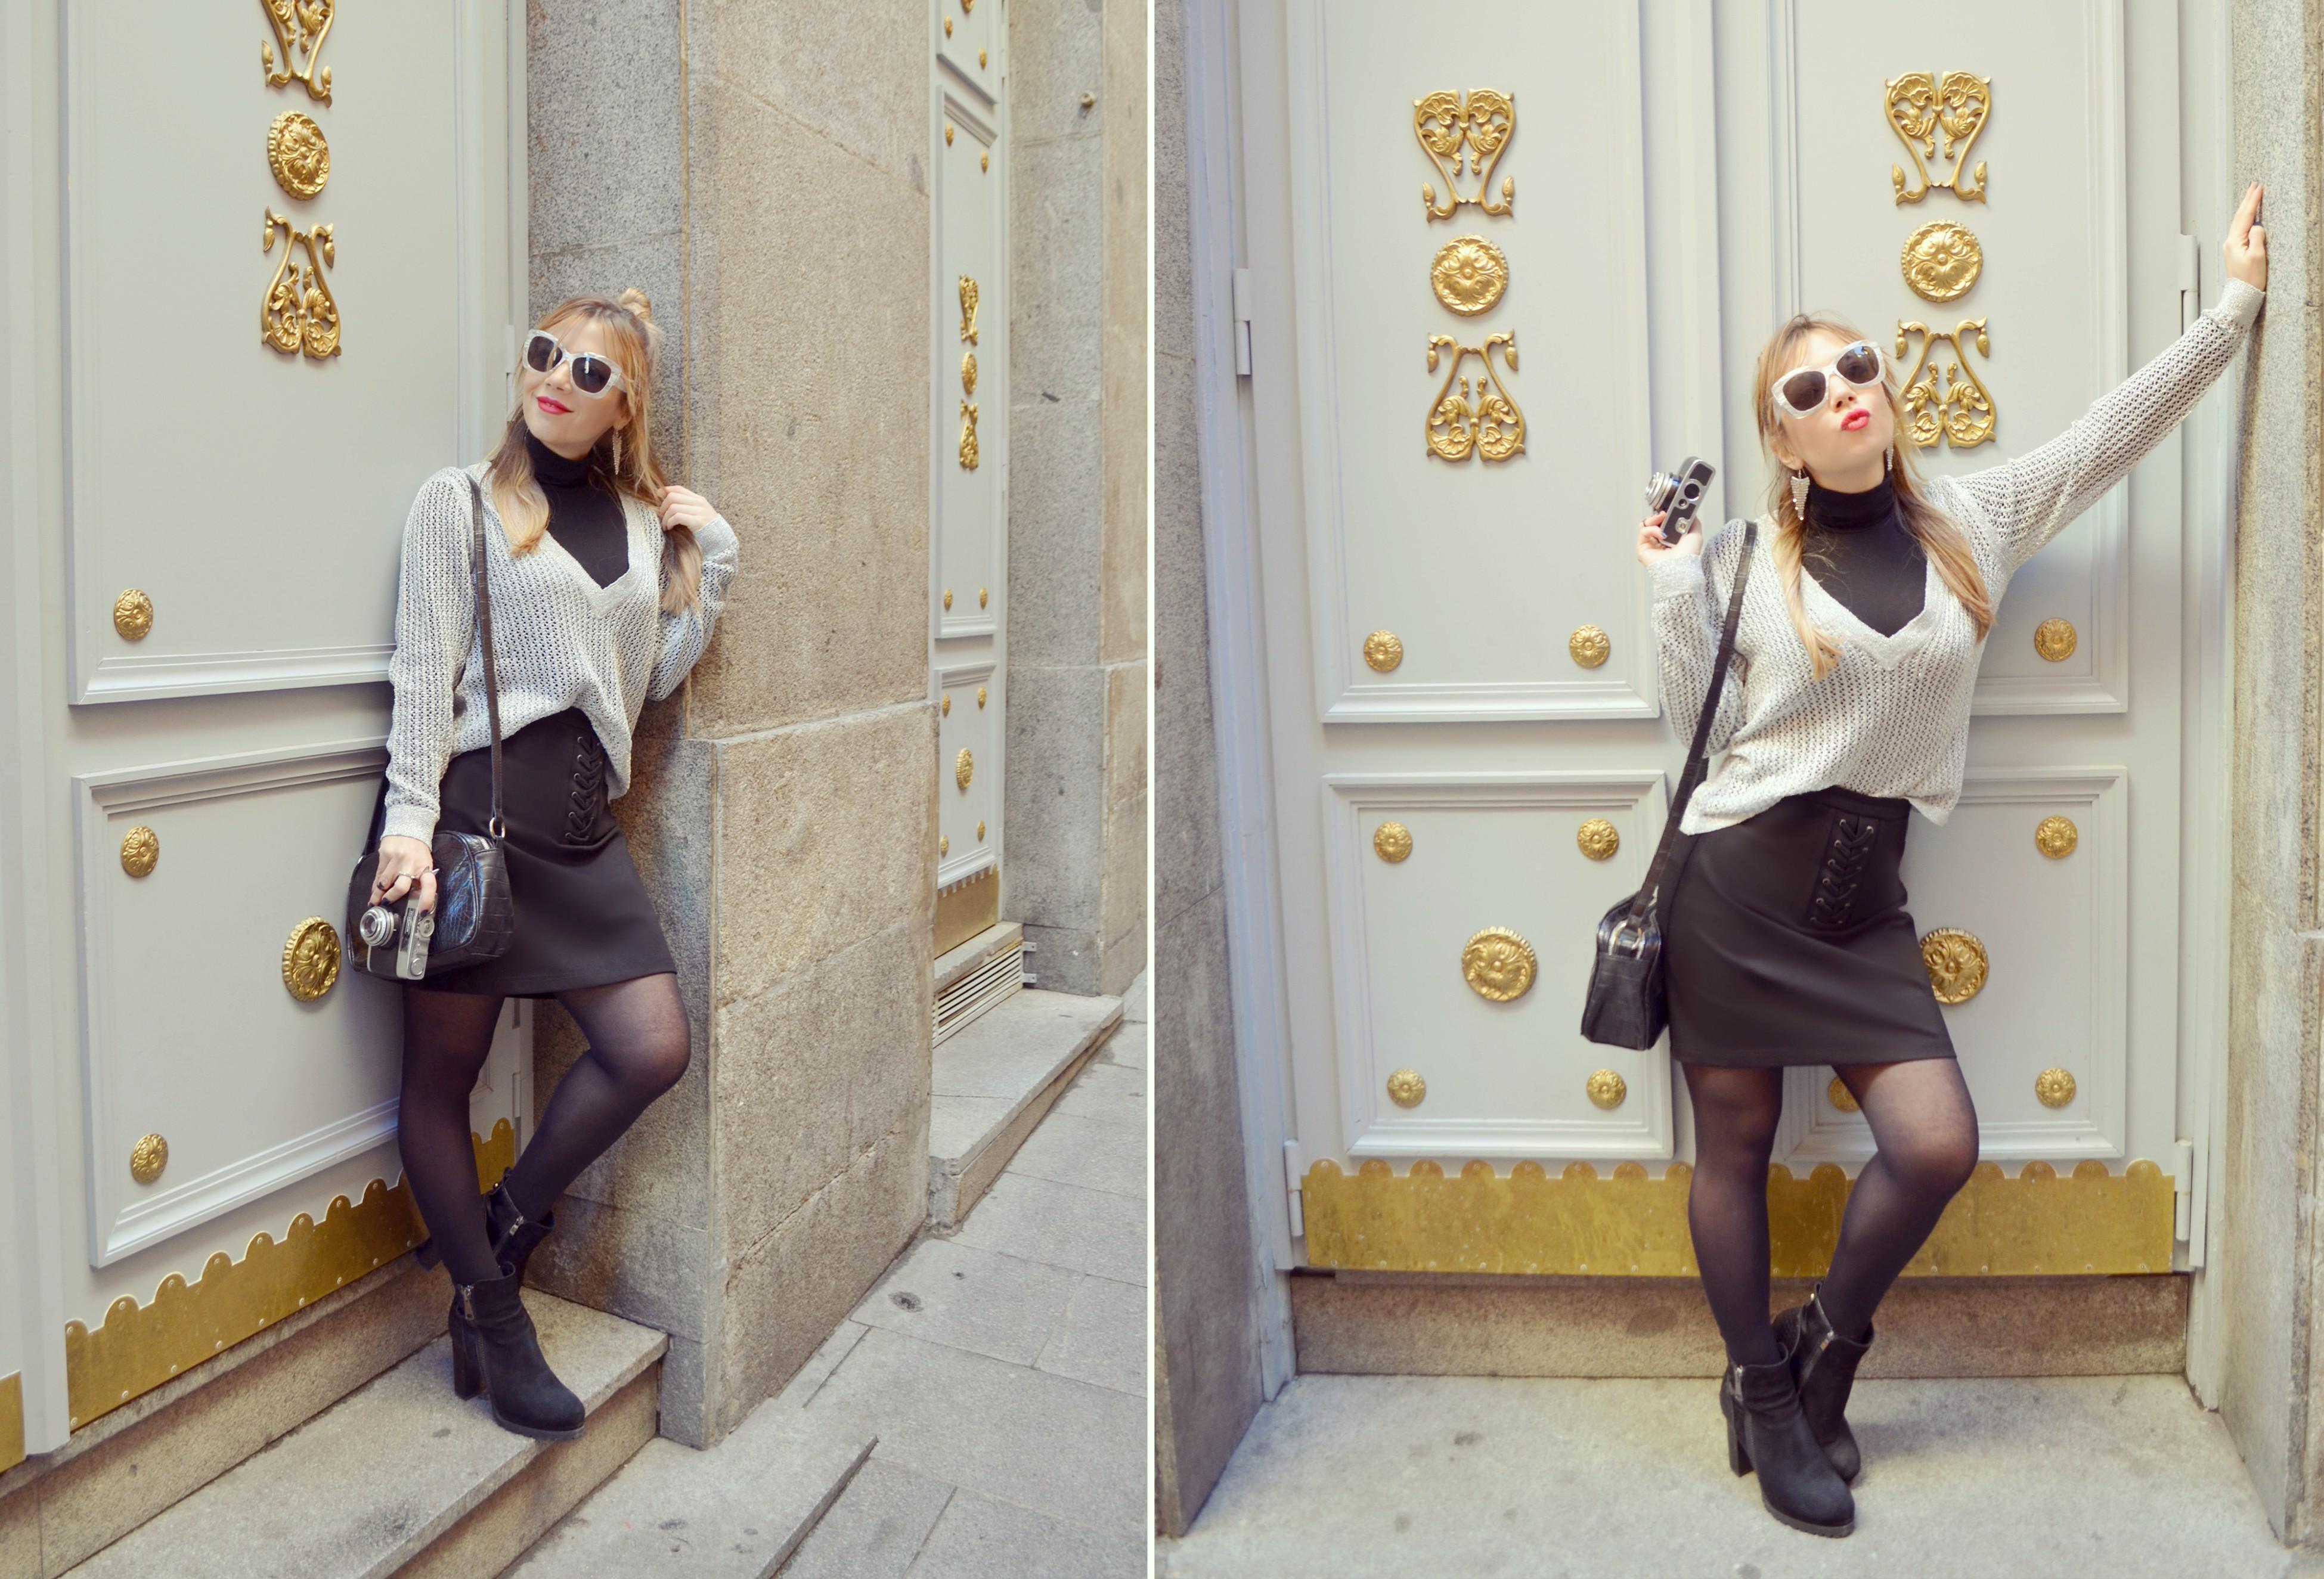 ChicAdicta-blog-de-moda-fashionista-Amichi-Chic-Adicta-Alma-en-pena-shoes-look-para-la-ofi-black-booties-PiensaenChic-Piensa-en-Chic